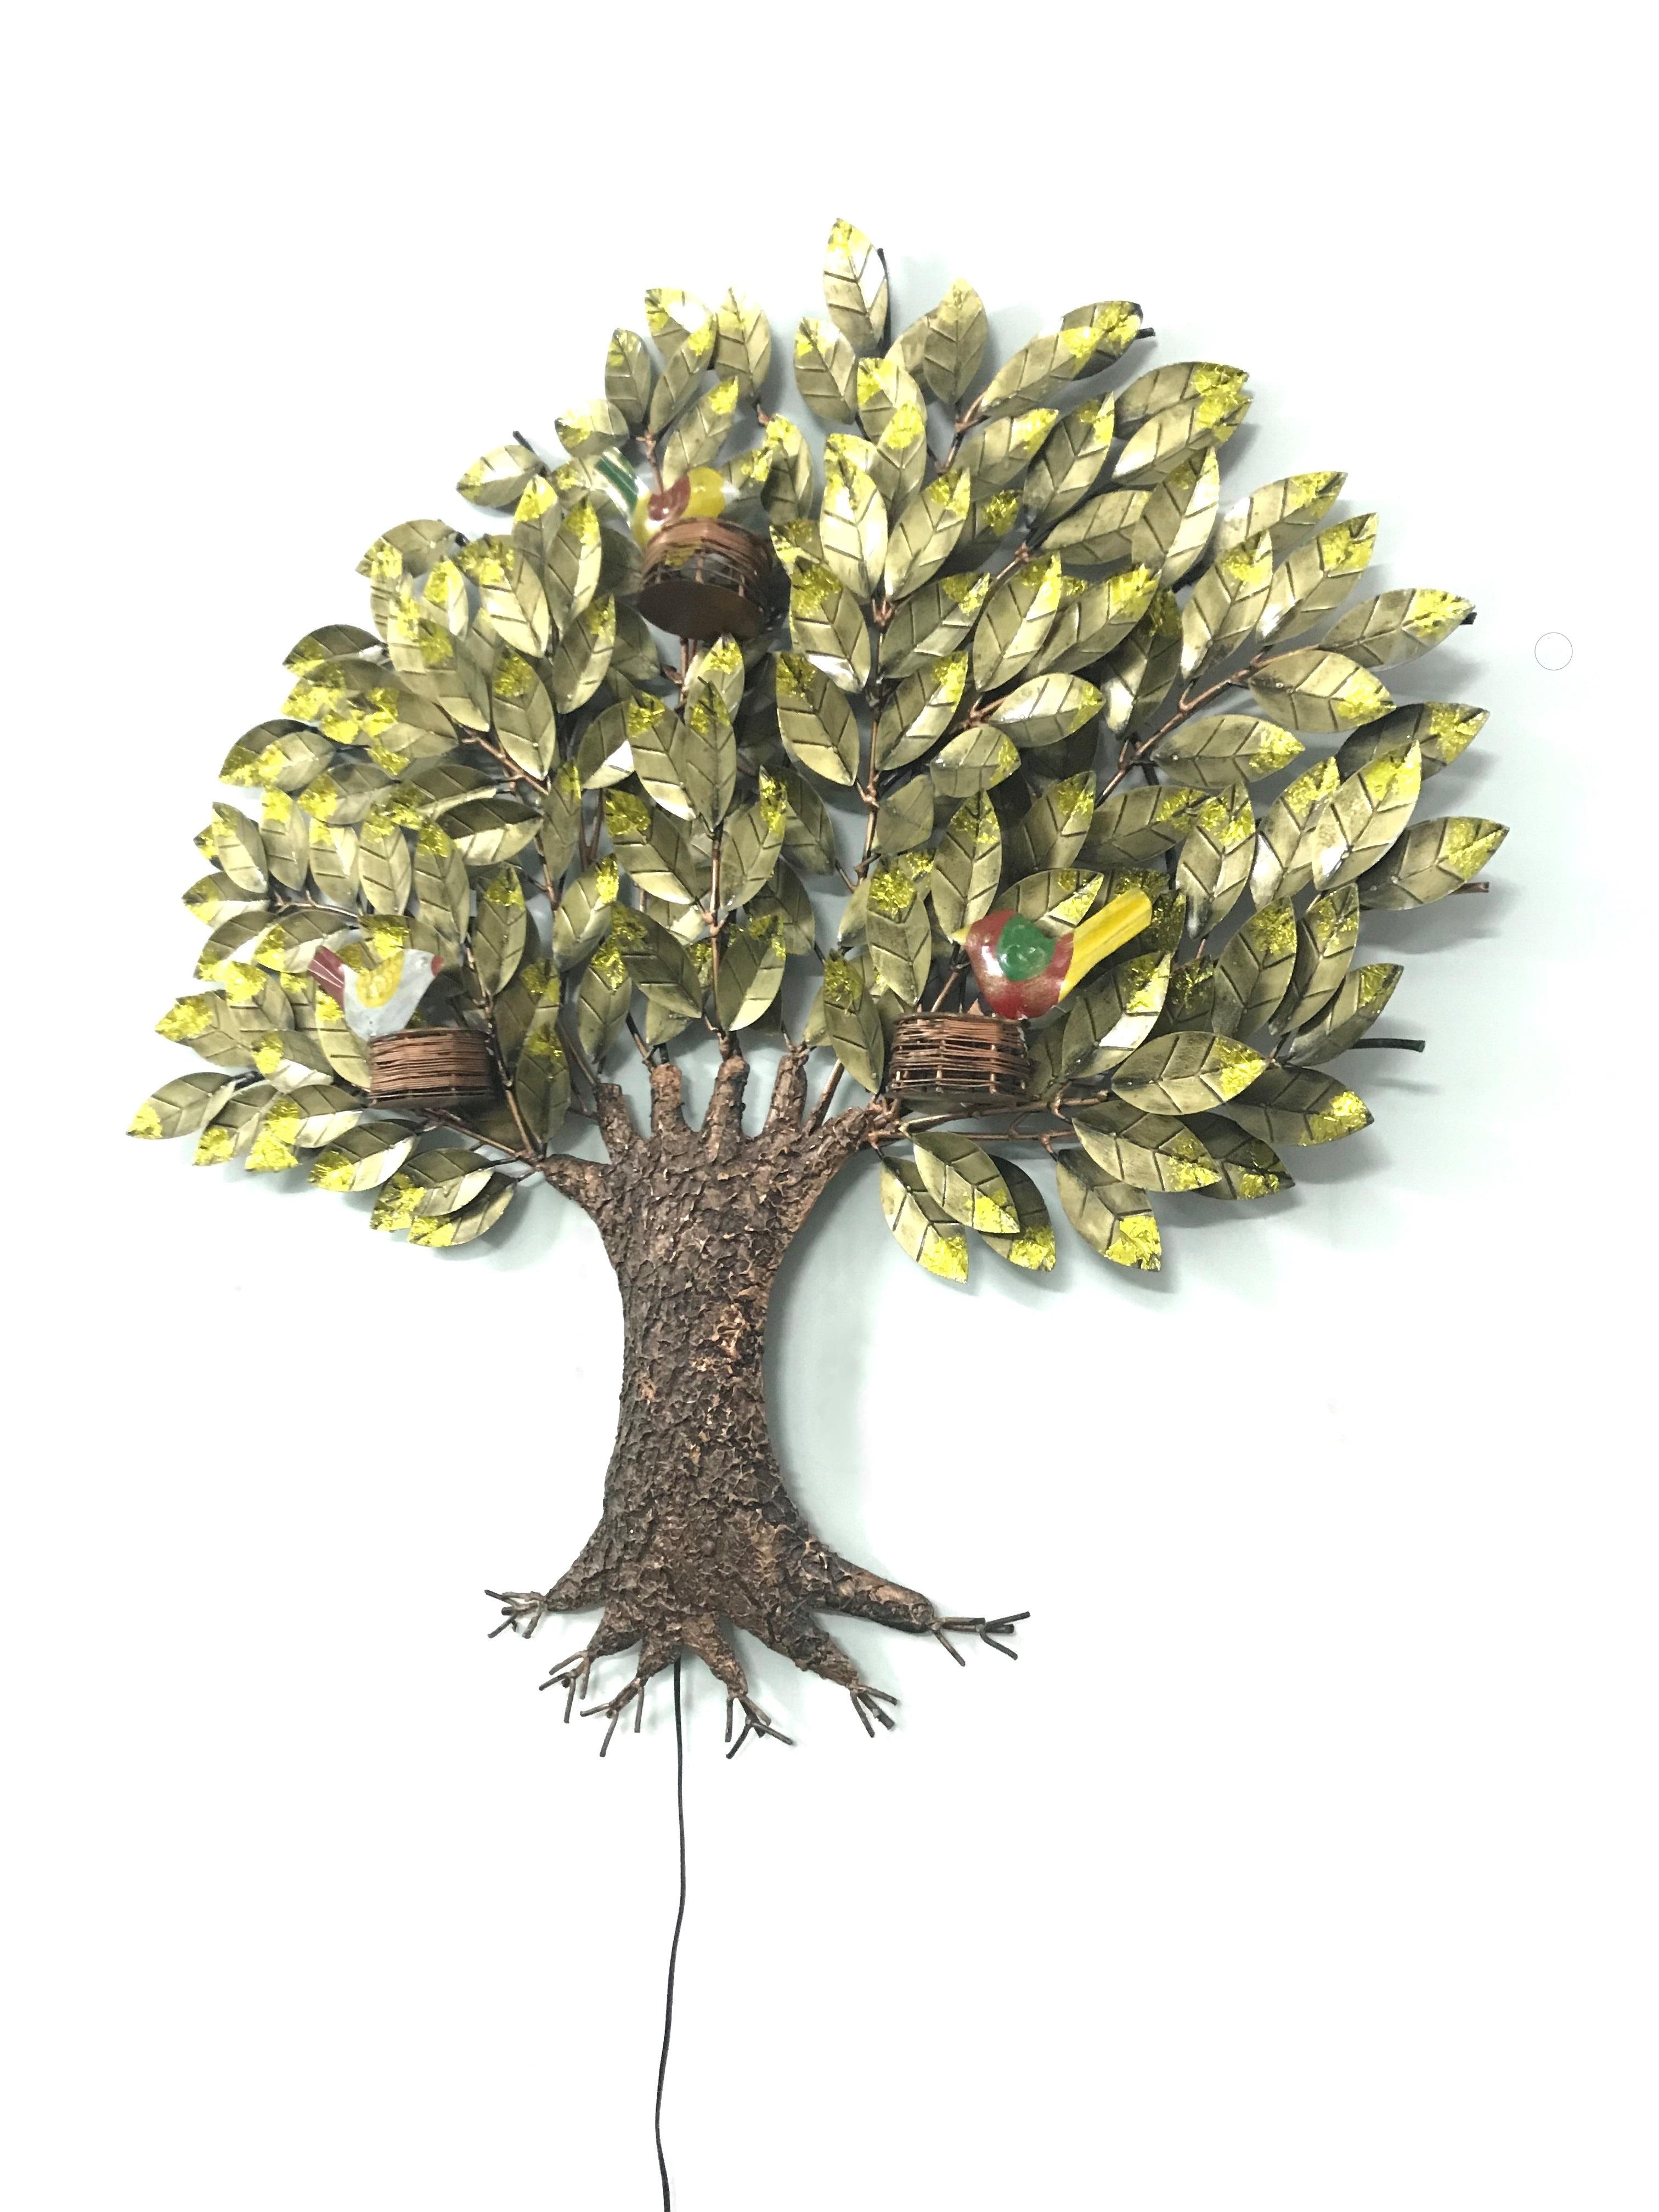 Bird Nest on Tree With LED